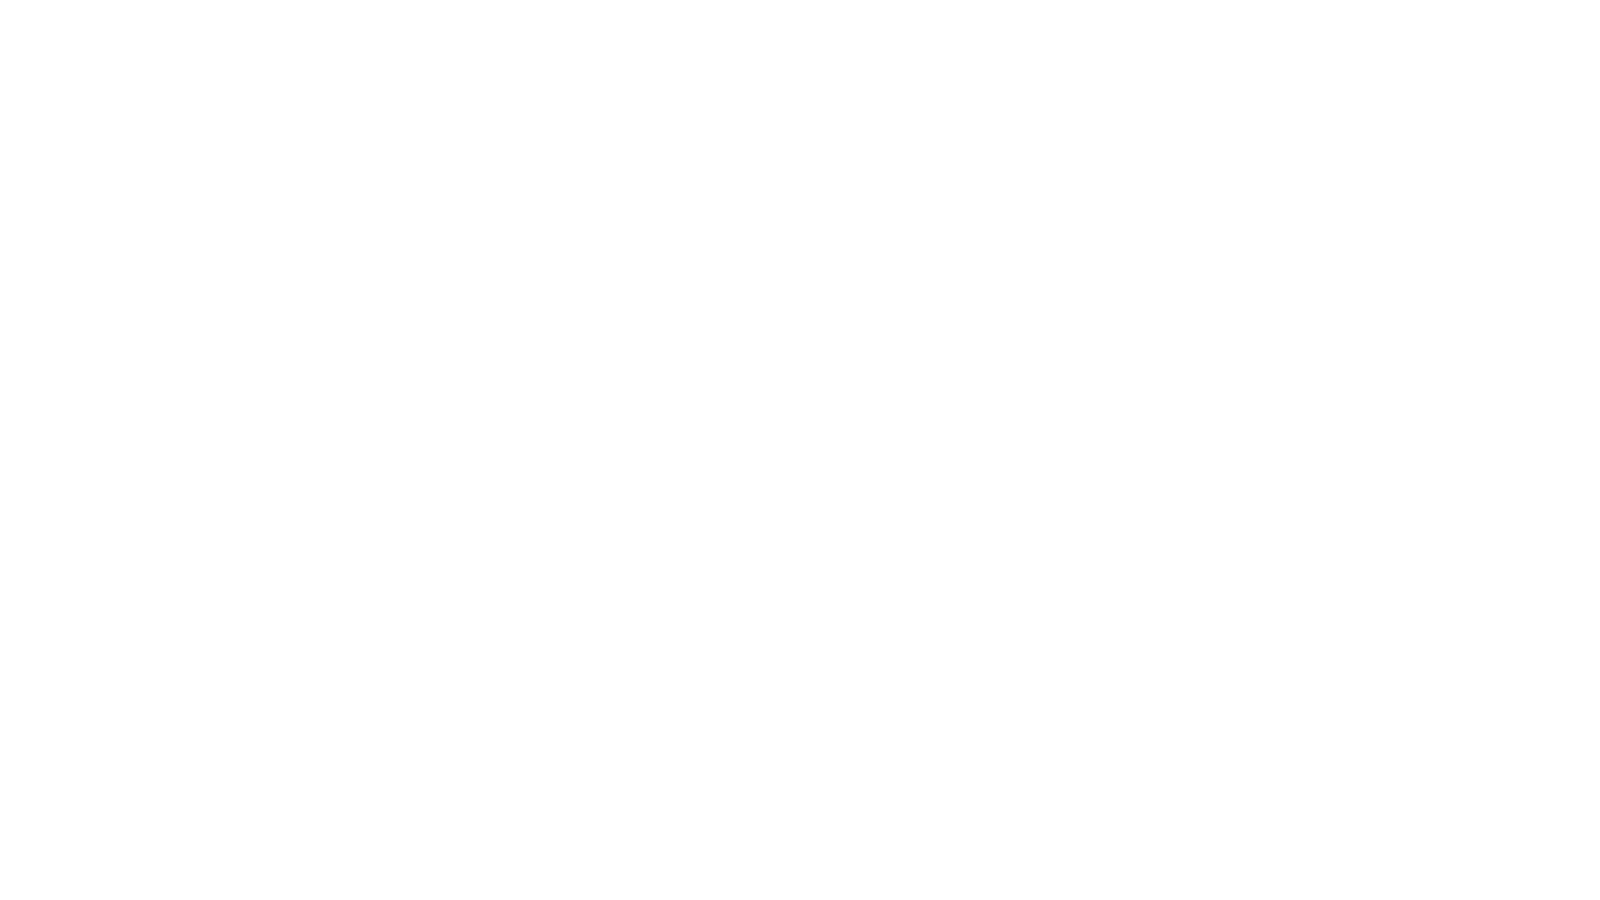 Live para apresentar o Campus Serrinha e dar as principais informações sobre o processo seletivo 2021.  Faça sua inscrição pelo site:  https://concurso.fundacaocefetminas.org.br/site/processo_seletivo.aspx  Acesse o Manual do Candidato: https://concurso.fundacaocefetminas.org.br/documentos/ManualdoCandidatoPSIFBaianoSistemadeInscries202167637587706943211008.pdf